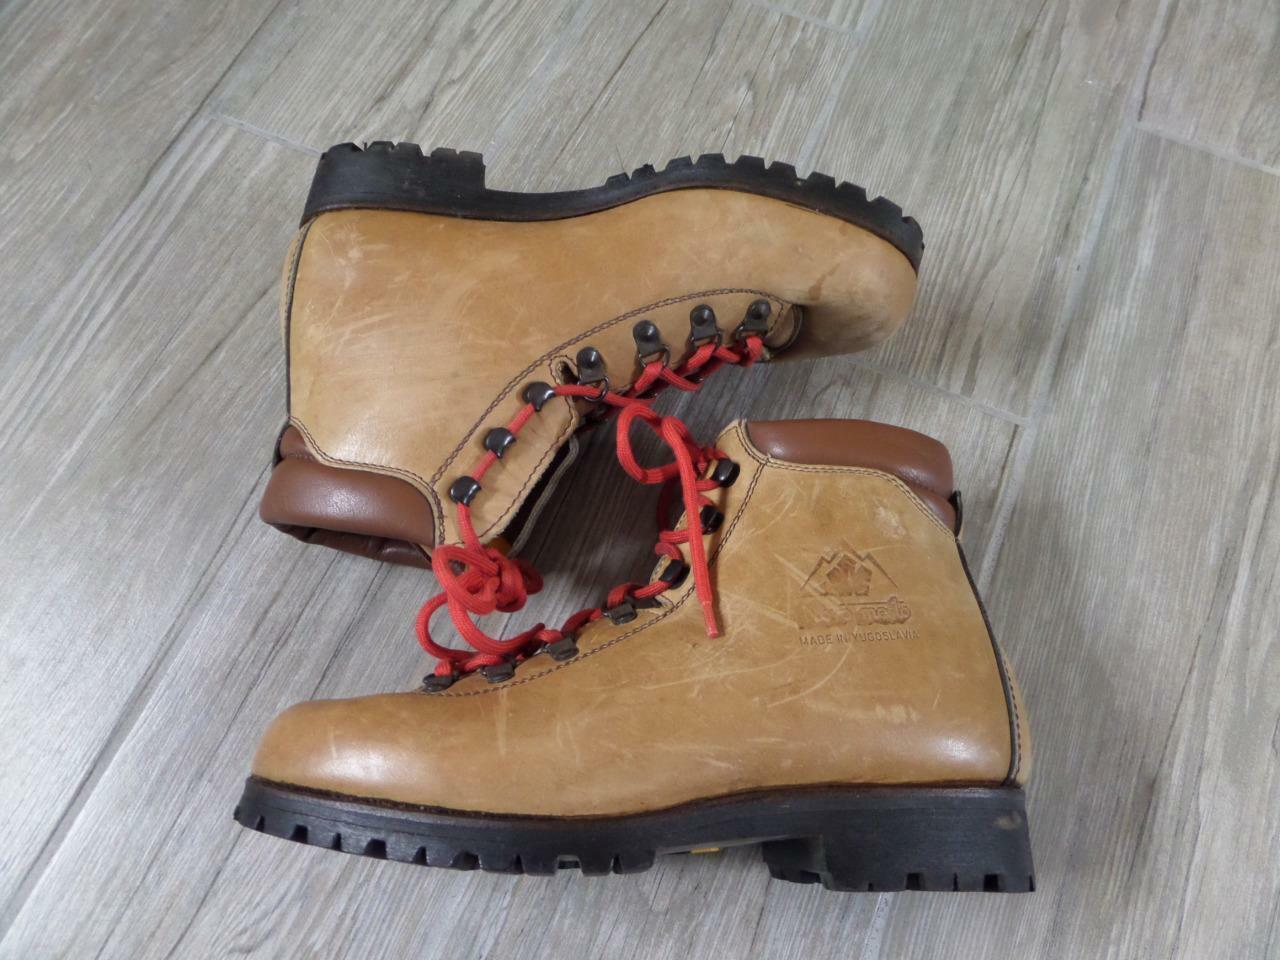 Suelas Vibram de cuero para hombre Vintage Montañismo botas 7.5 Senderismo NOVO Mesto